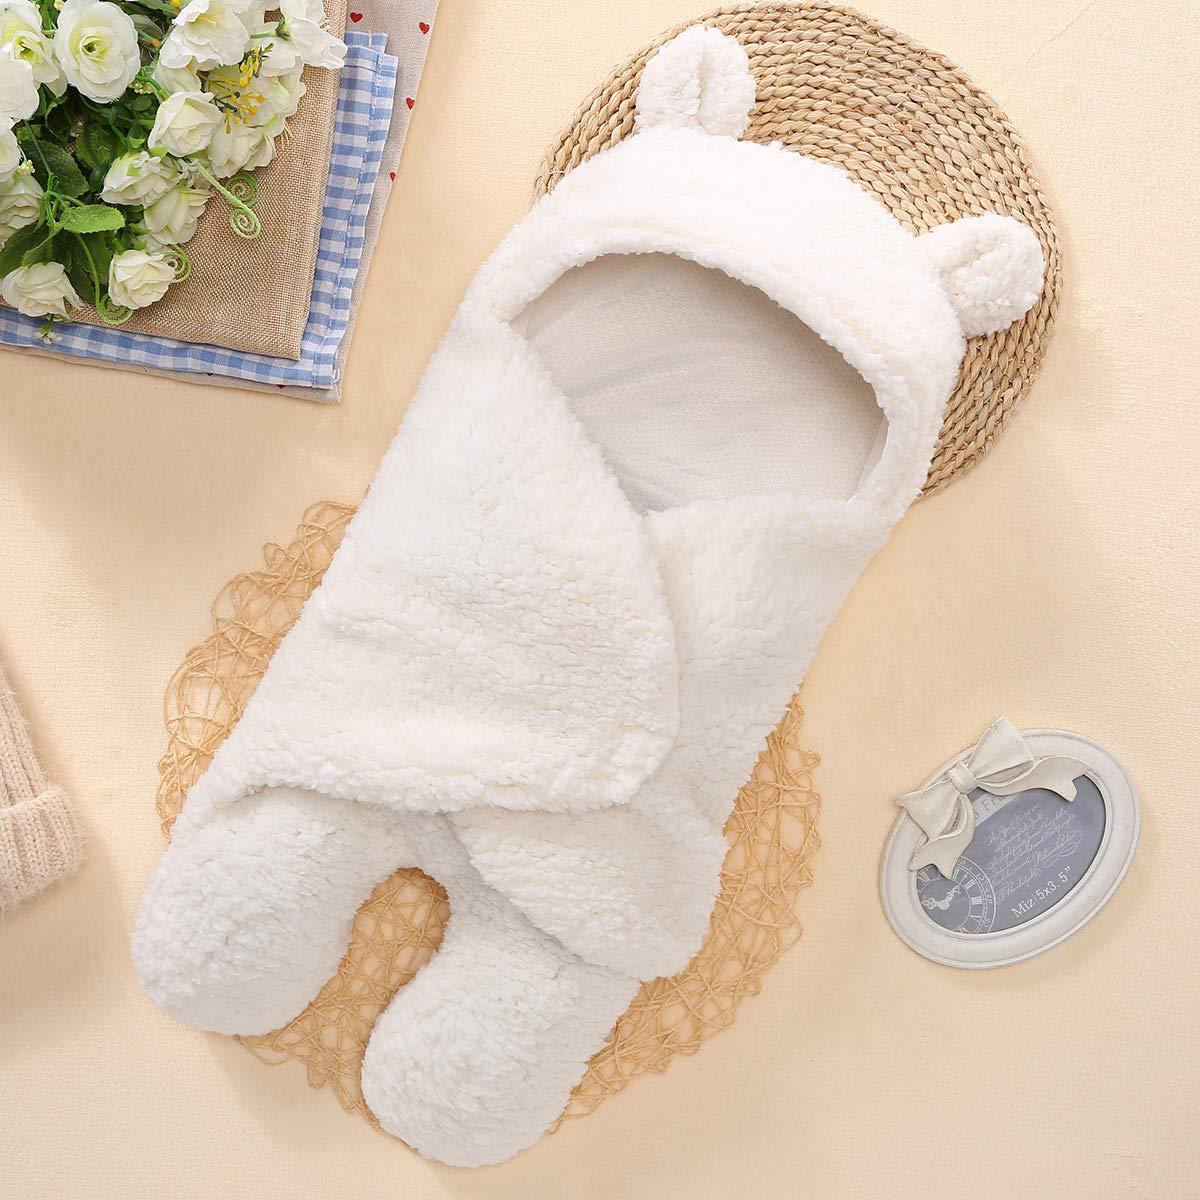 Baby-Decke mit Kapuze Neugeborenes Baby Decke Baumwolle Pl/üsch Swaddle Schlafsack Sack Kinderwagen Wrap f/ür Jungen und M/ädchen erhalten